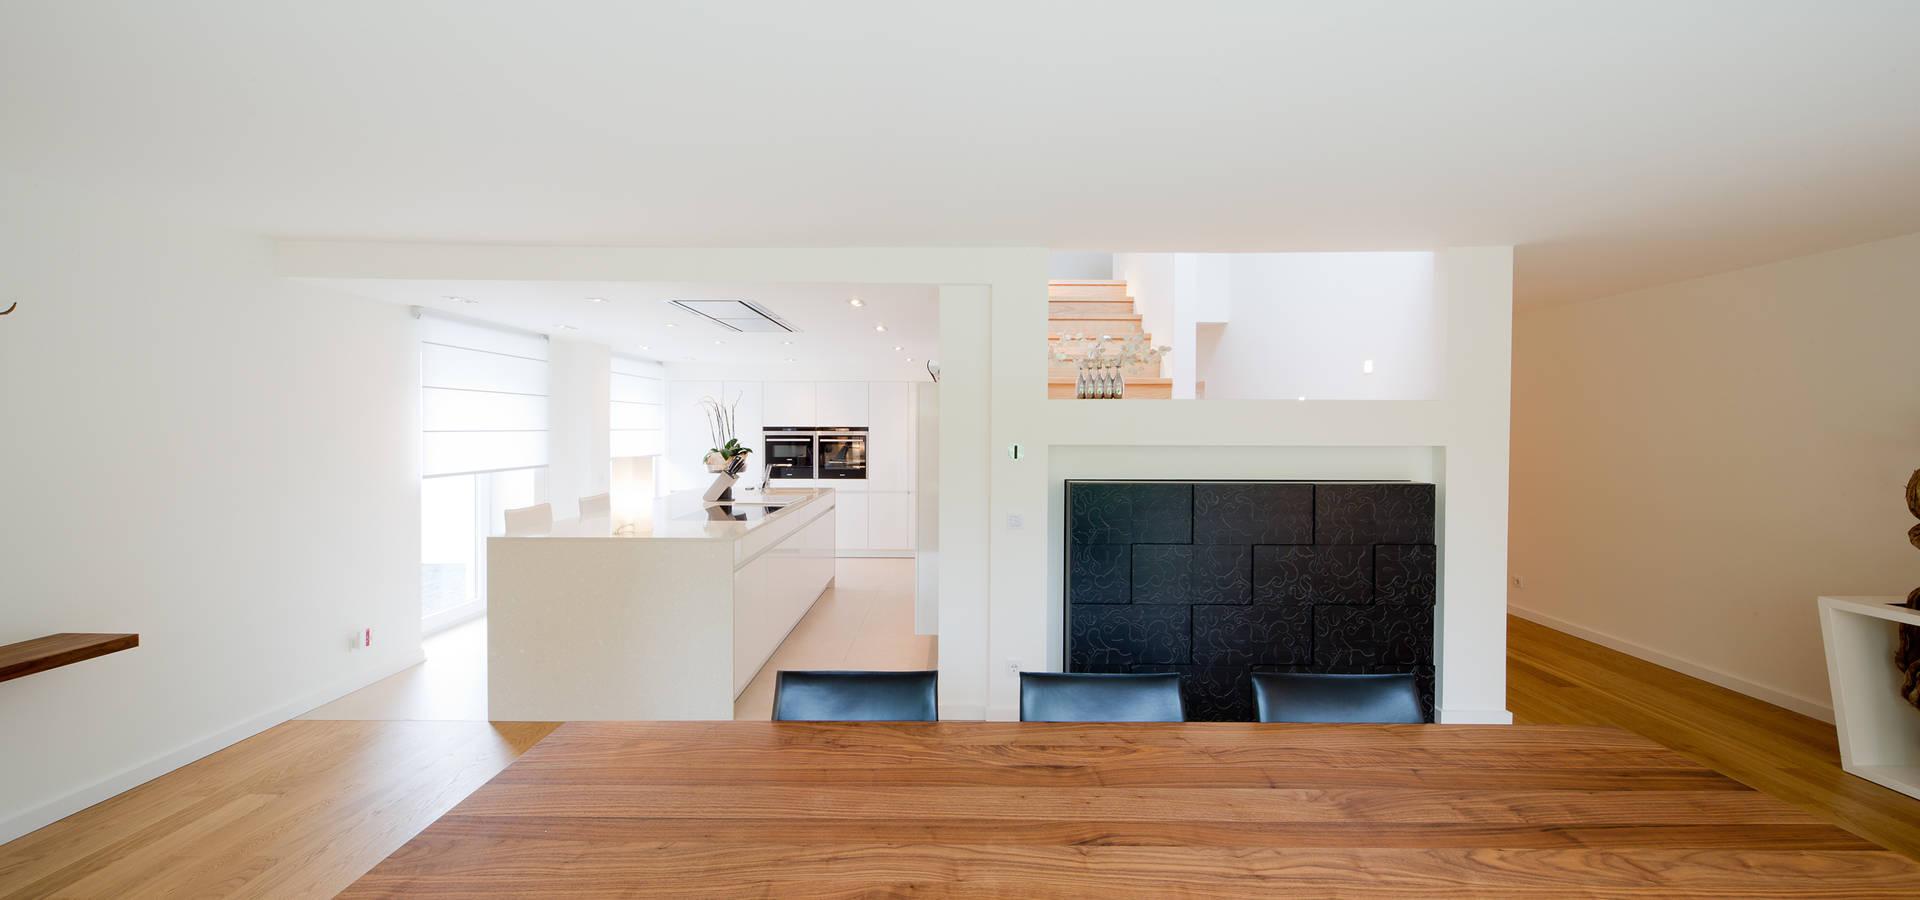 Ferreira | Verfürth Architekten